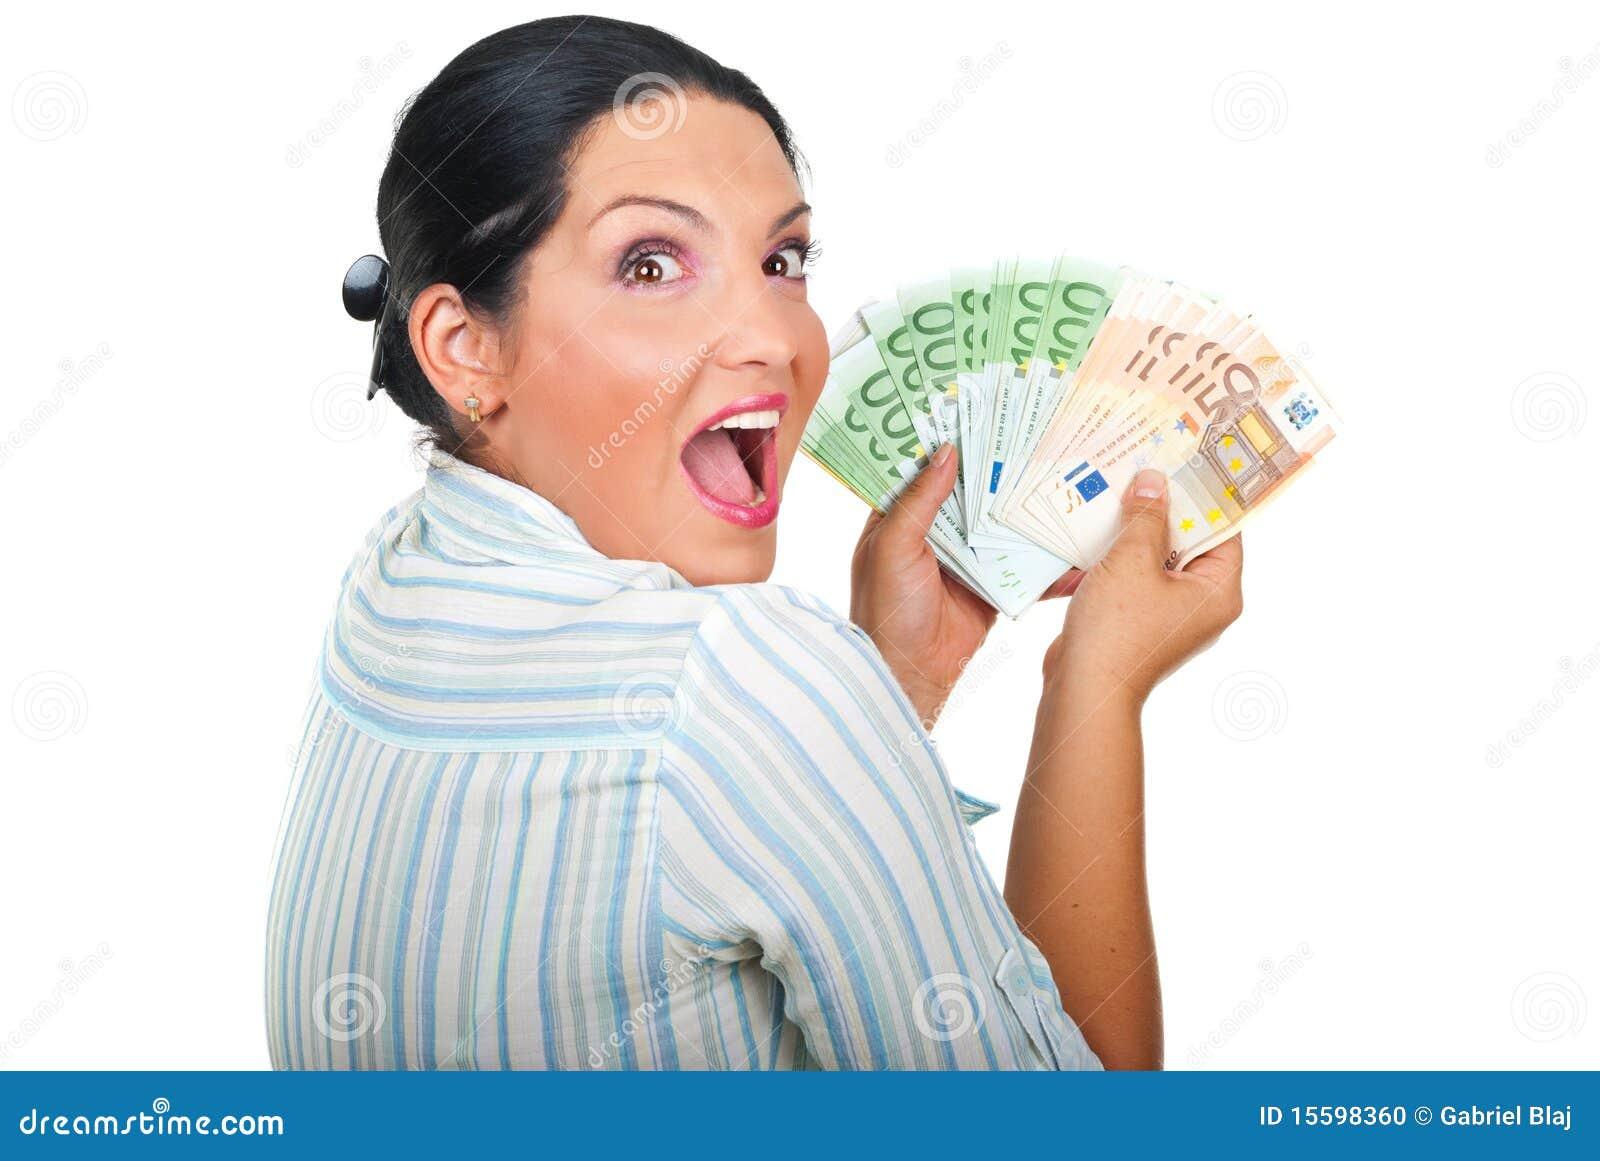 dinero casual facial